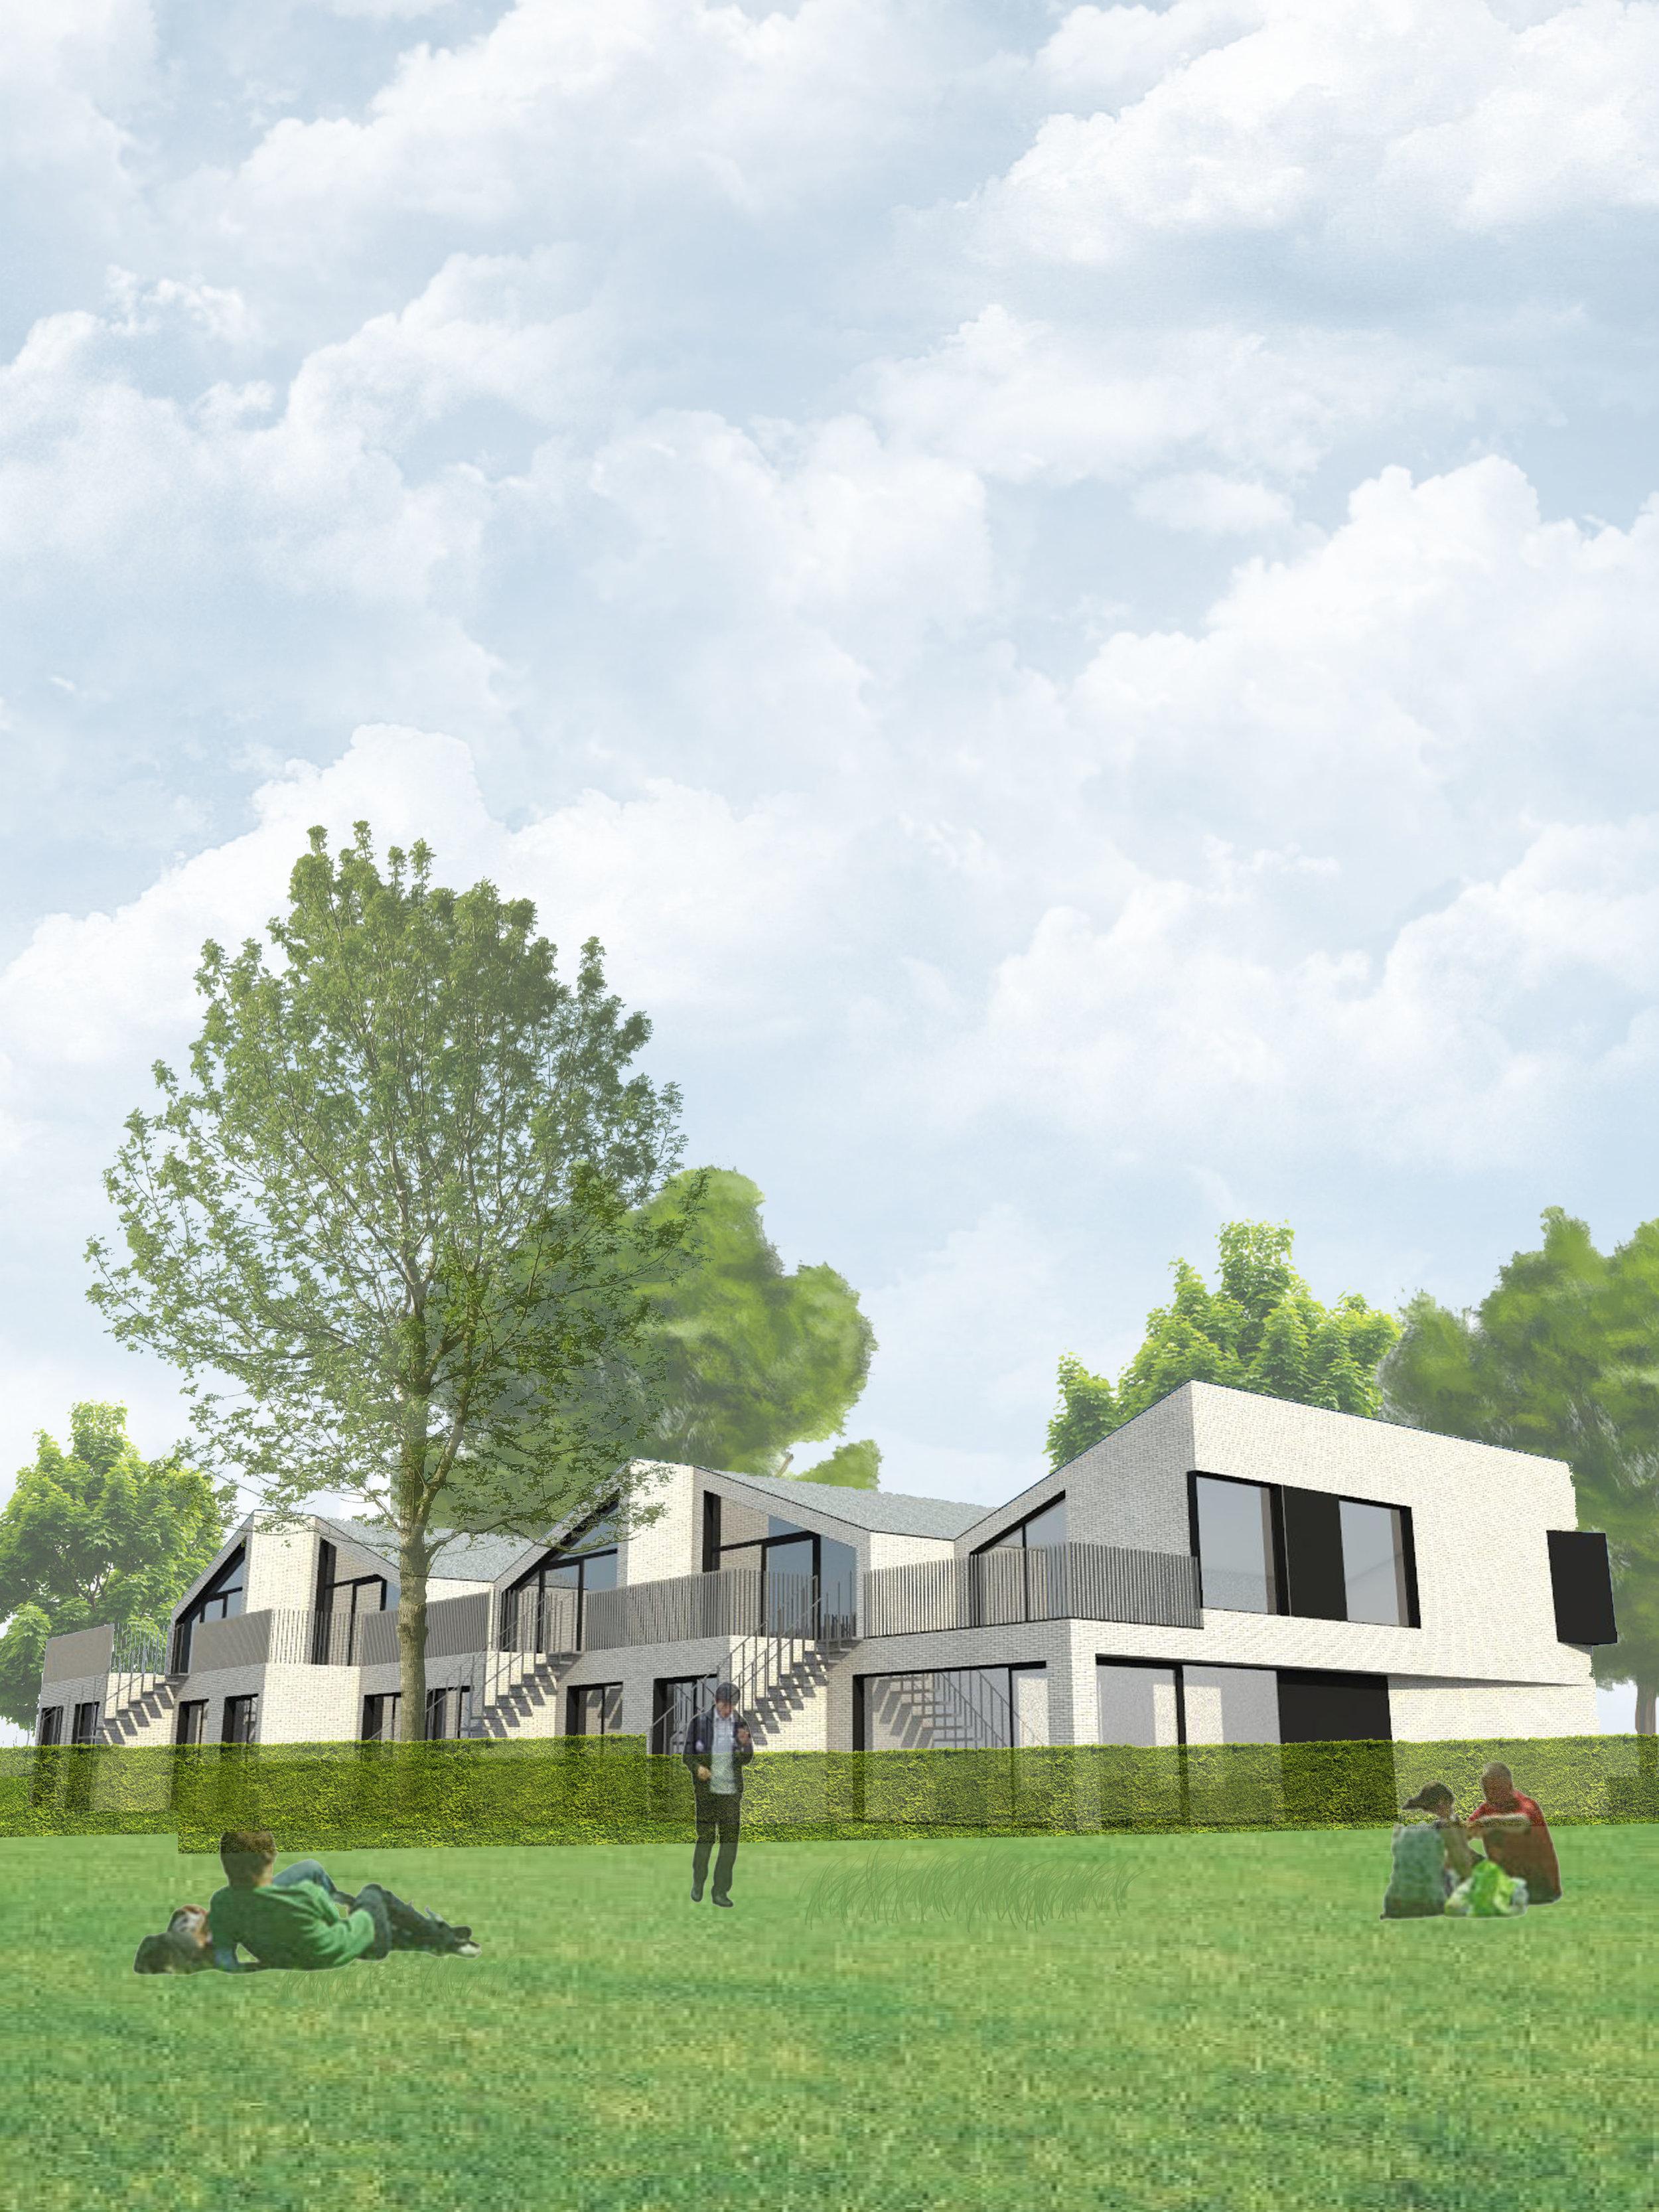 Binnen hetzelfde concept van 5 geschakelde woningen zijn verschillende woontypes mogelijk zonder aan de architectuur te wijzigen. Het verspringend schakelen van de woningen zorgt voor een speelse achtergevel